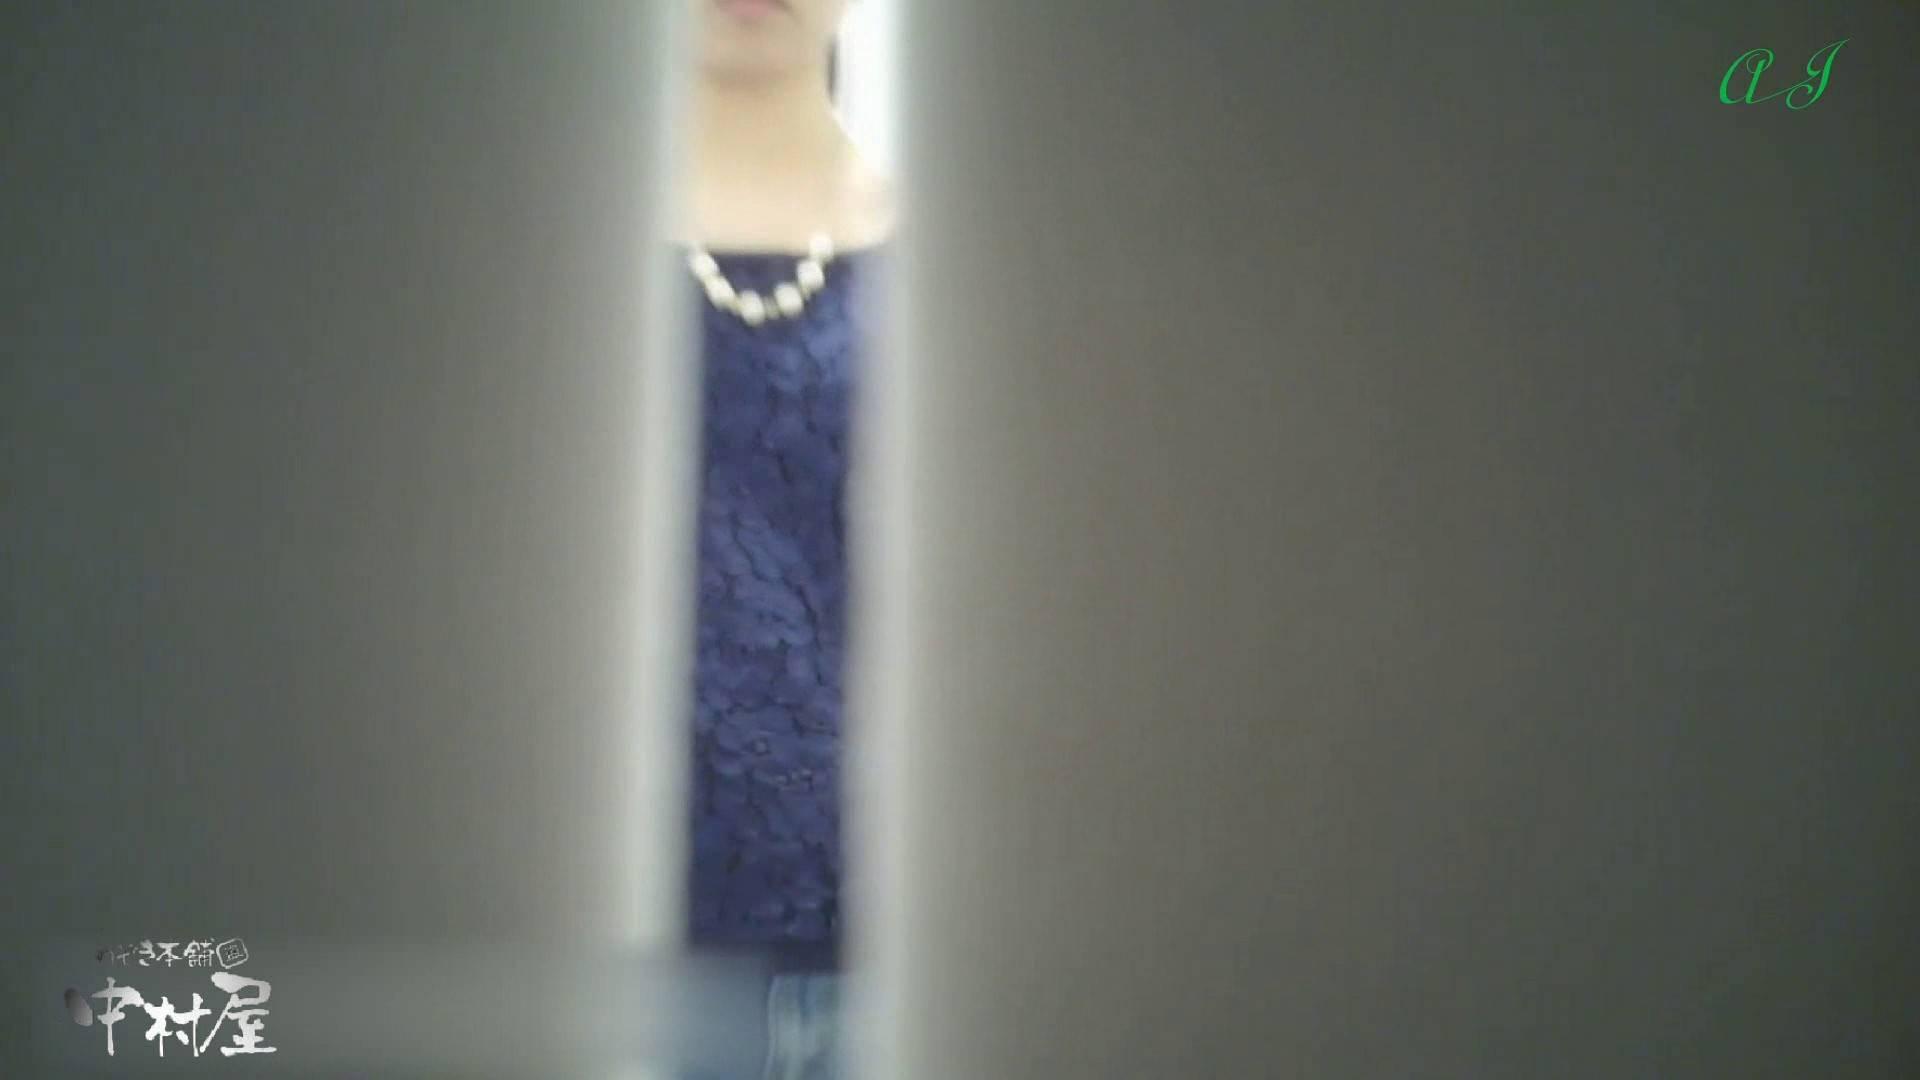 有名大学女性洗面所 vol.78 美女勢揃い 前編 潜入画像 | 人気シリーズ  74画像 32